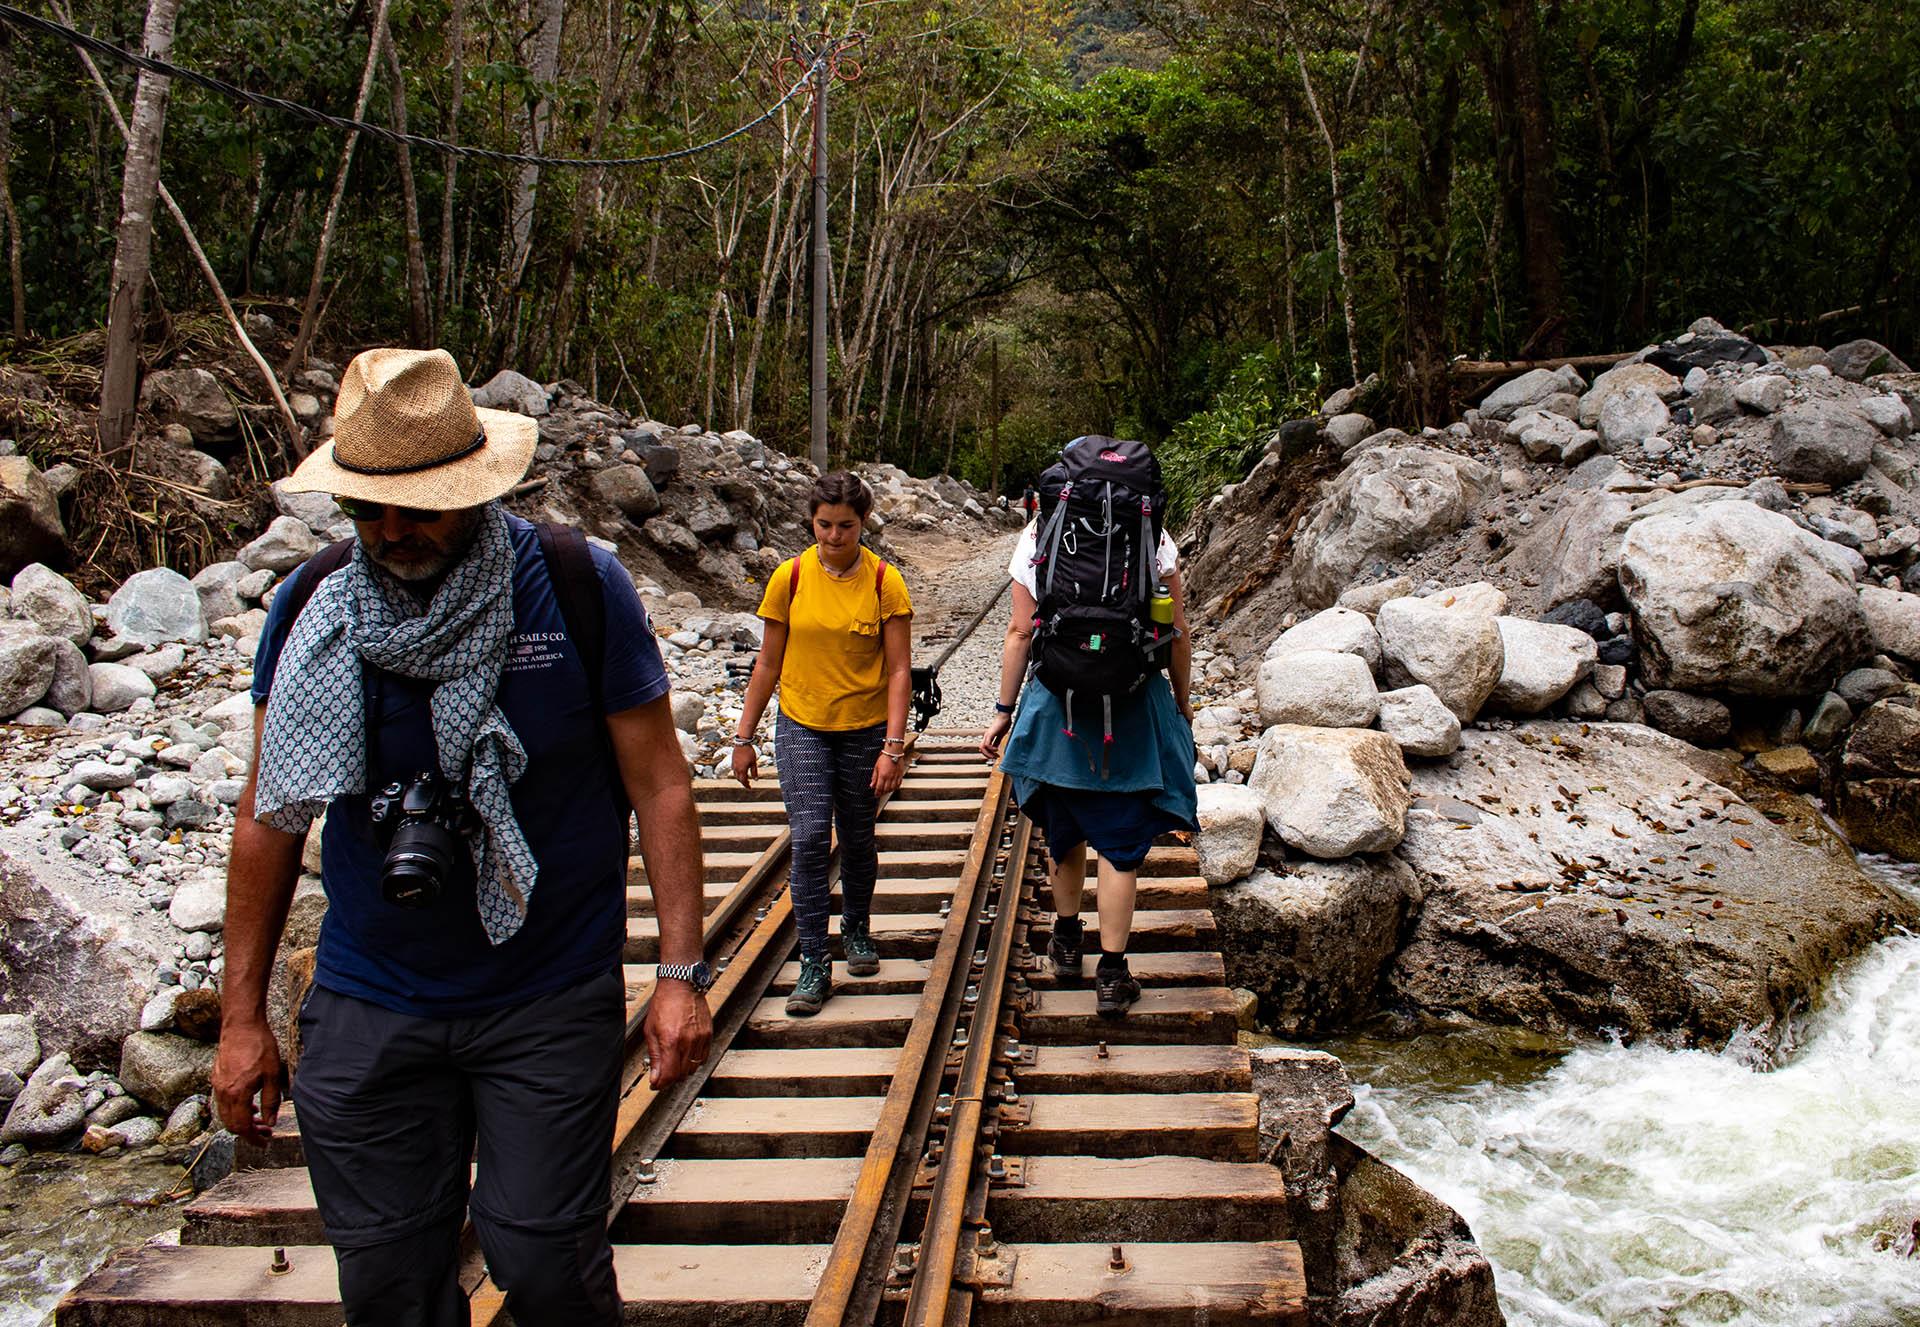 Kelly loopt met volle tas over het treinspoor naar Hidroeléctrica.